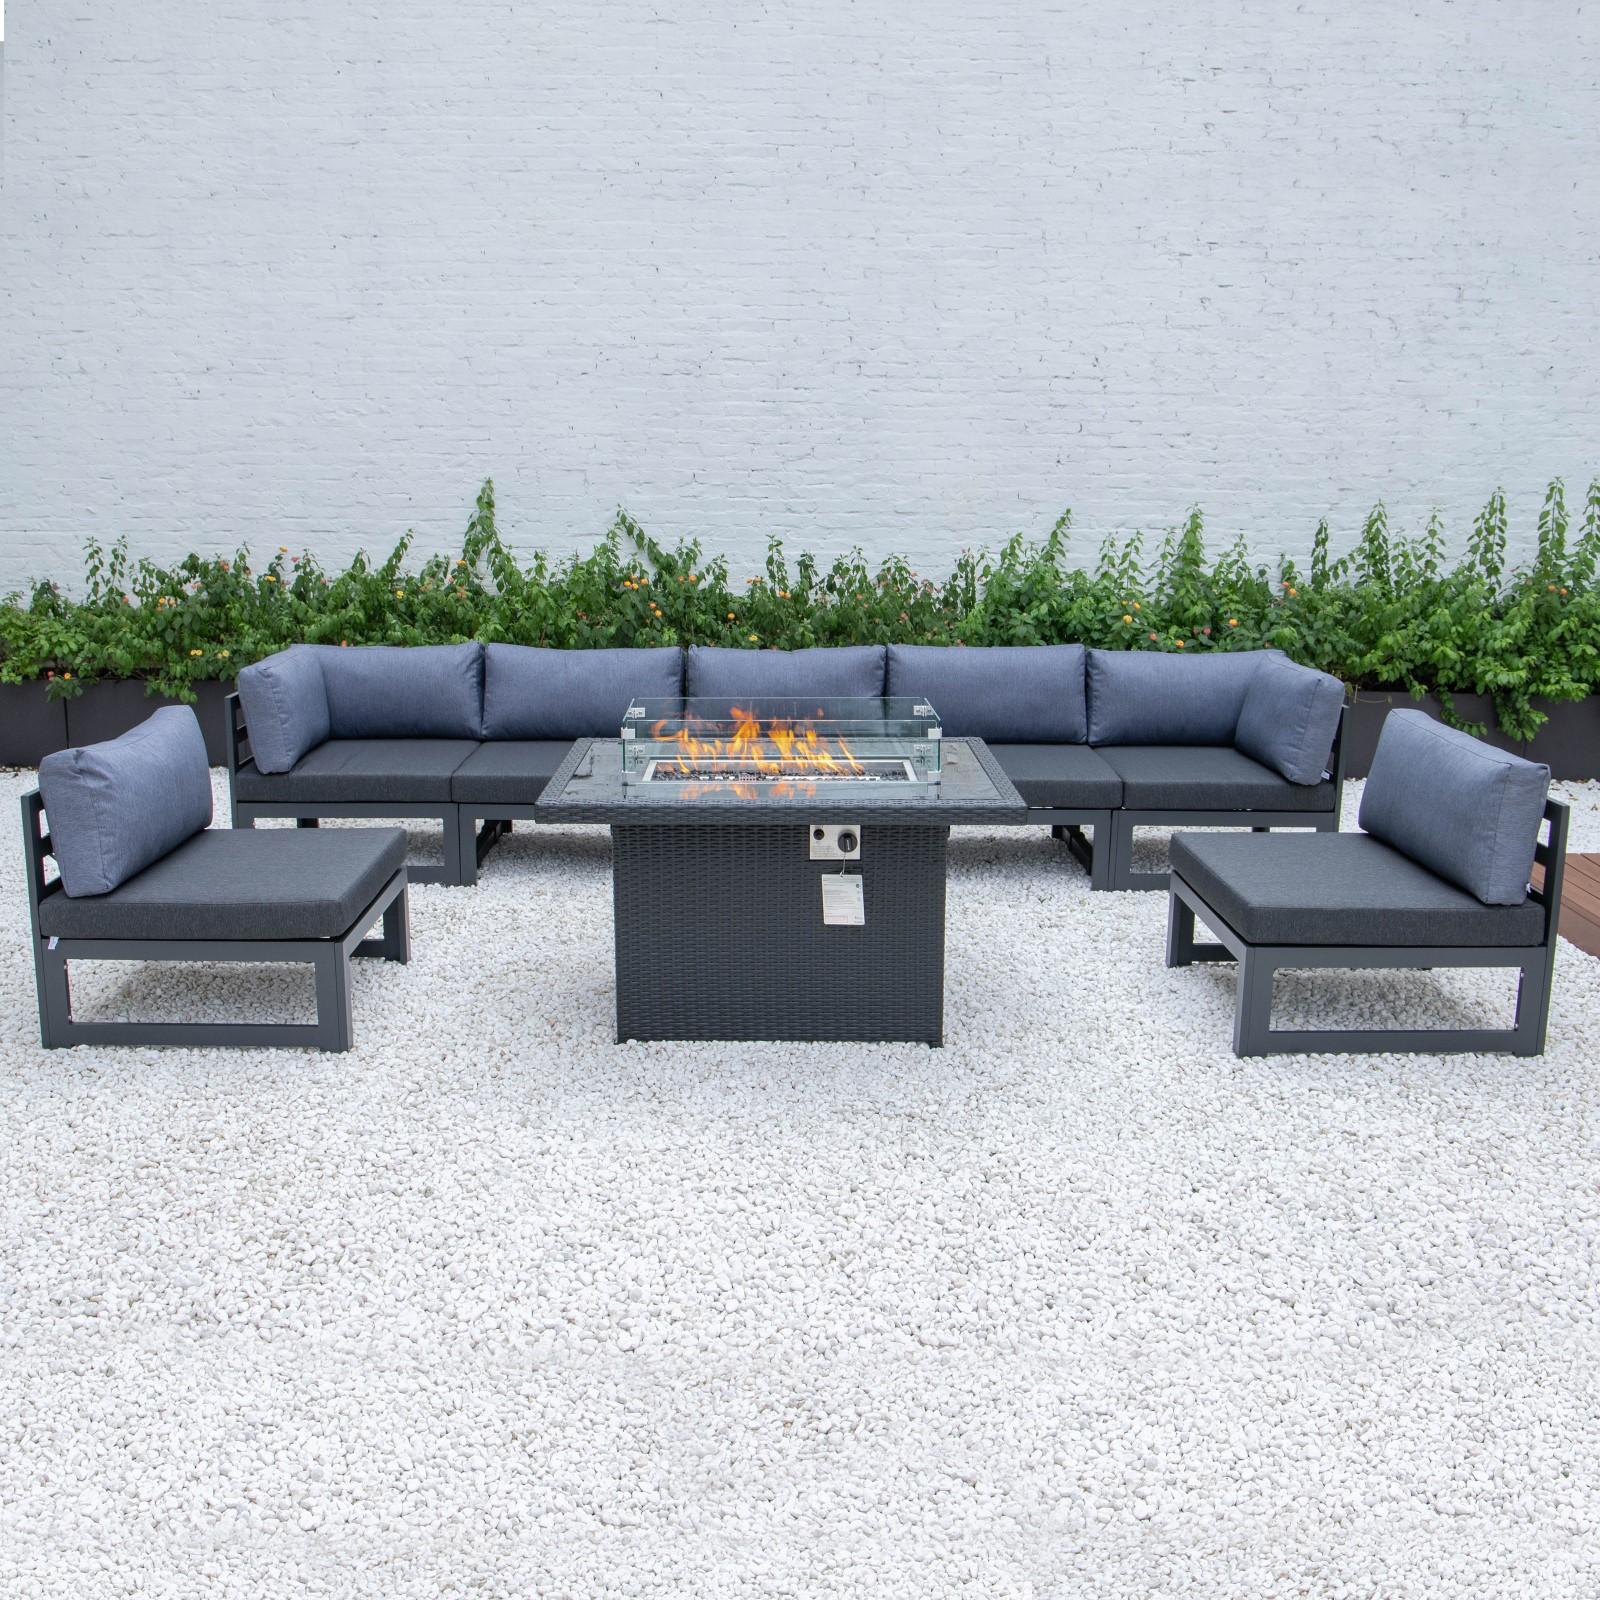 Уличный диван для патио, уличный диван из ротанга, наборы плетеных диванов с огненным столом